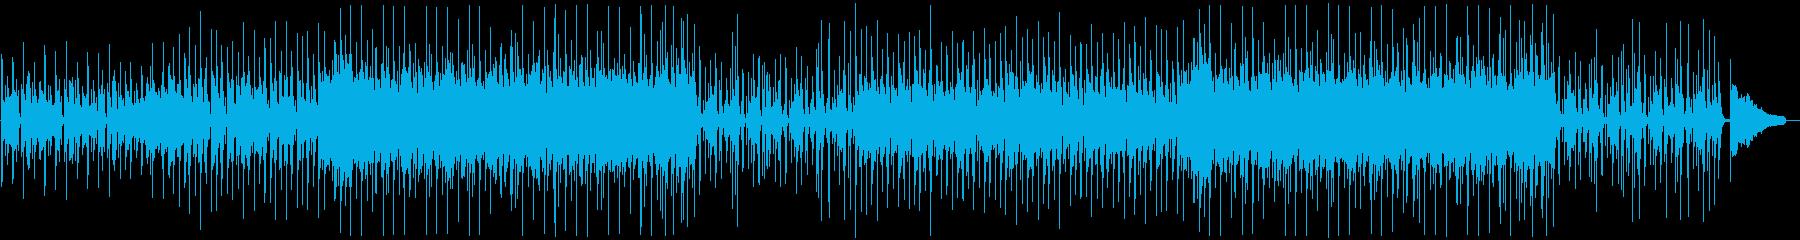 CM用8、楽しい口笛&ウクレレ・ロックAの再生済みの波形